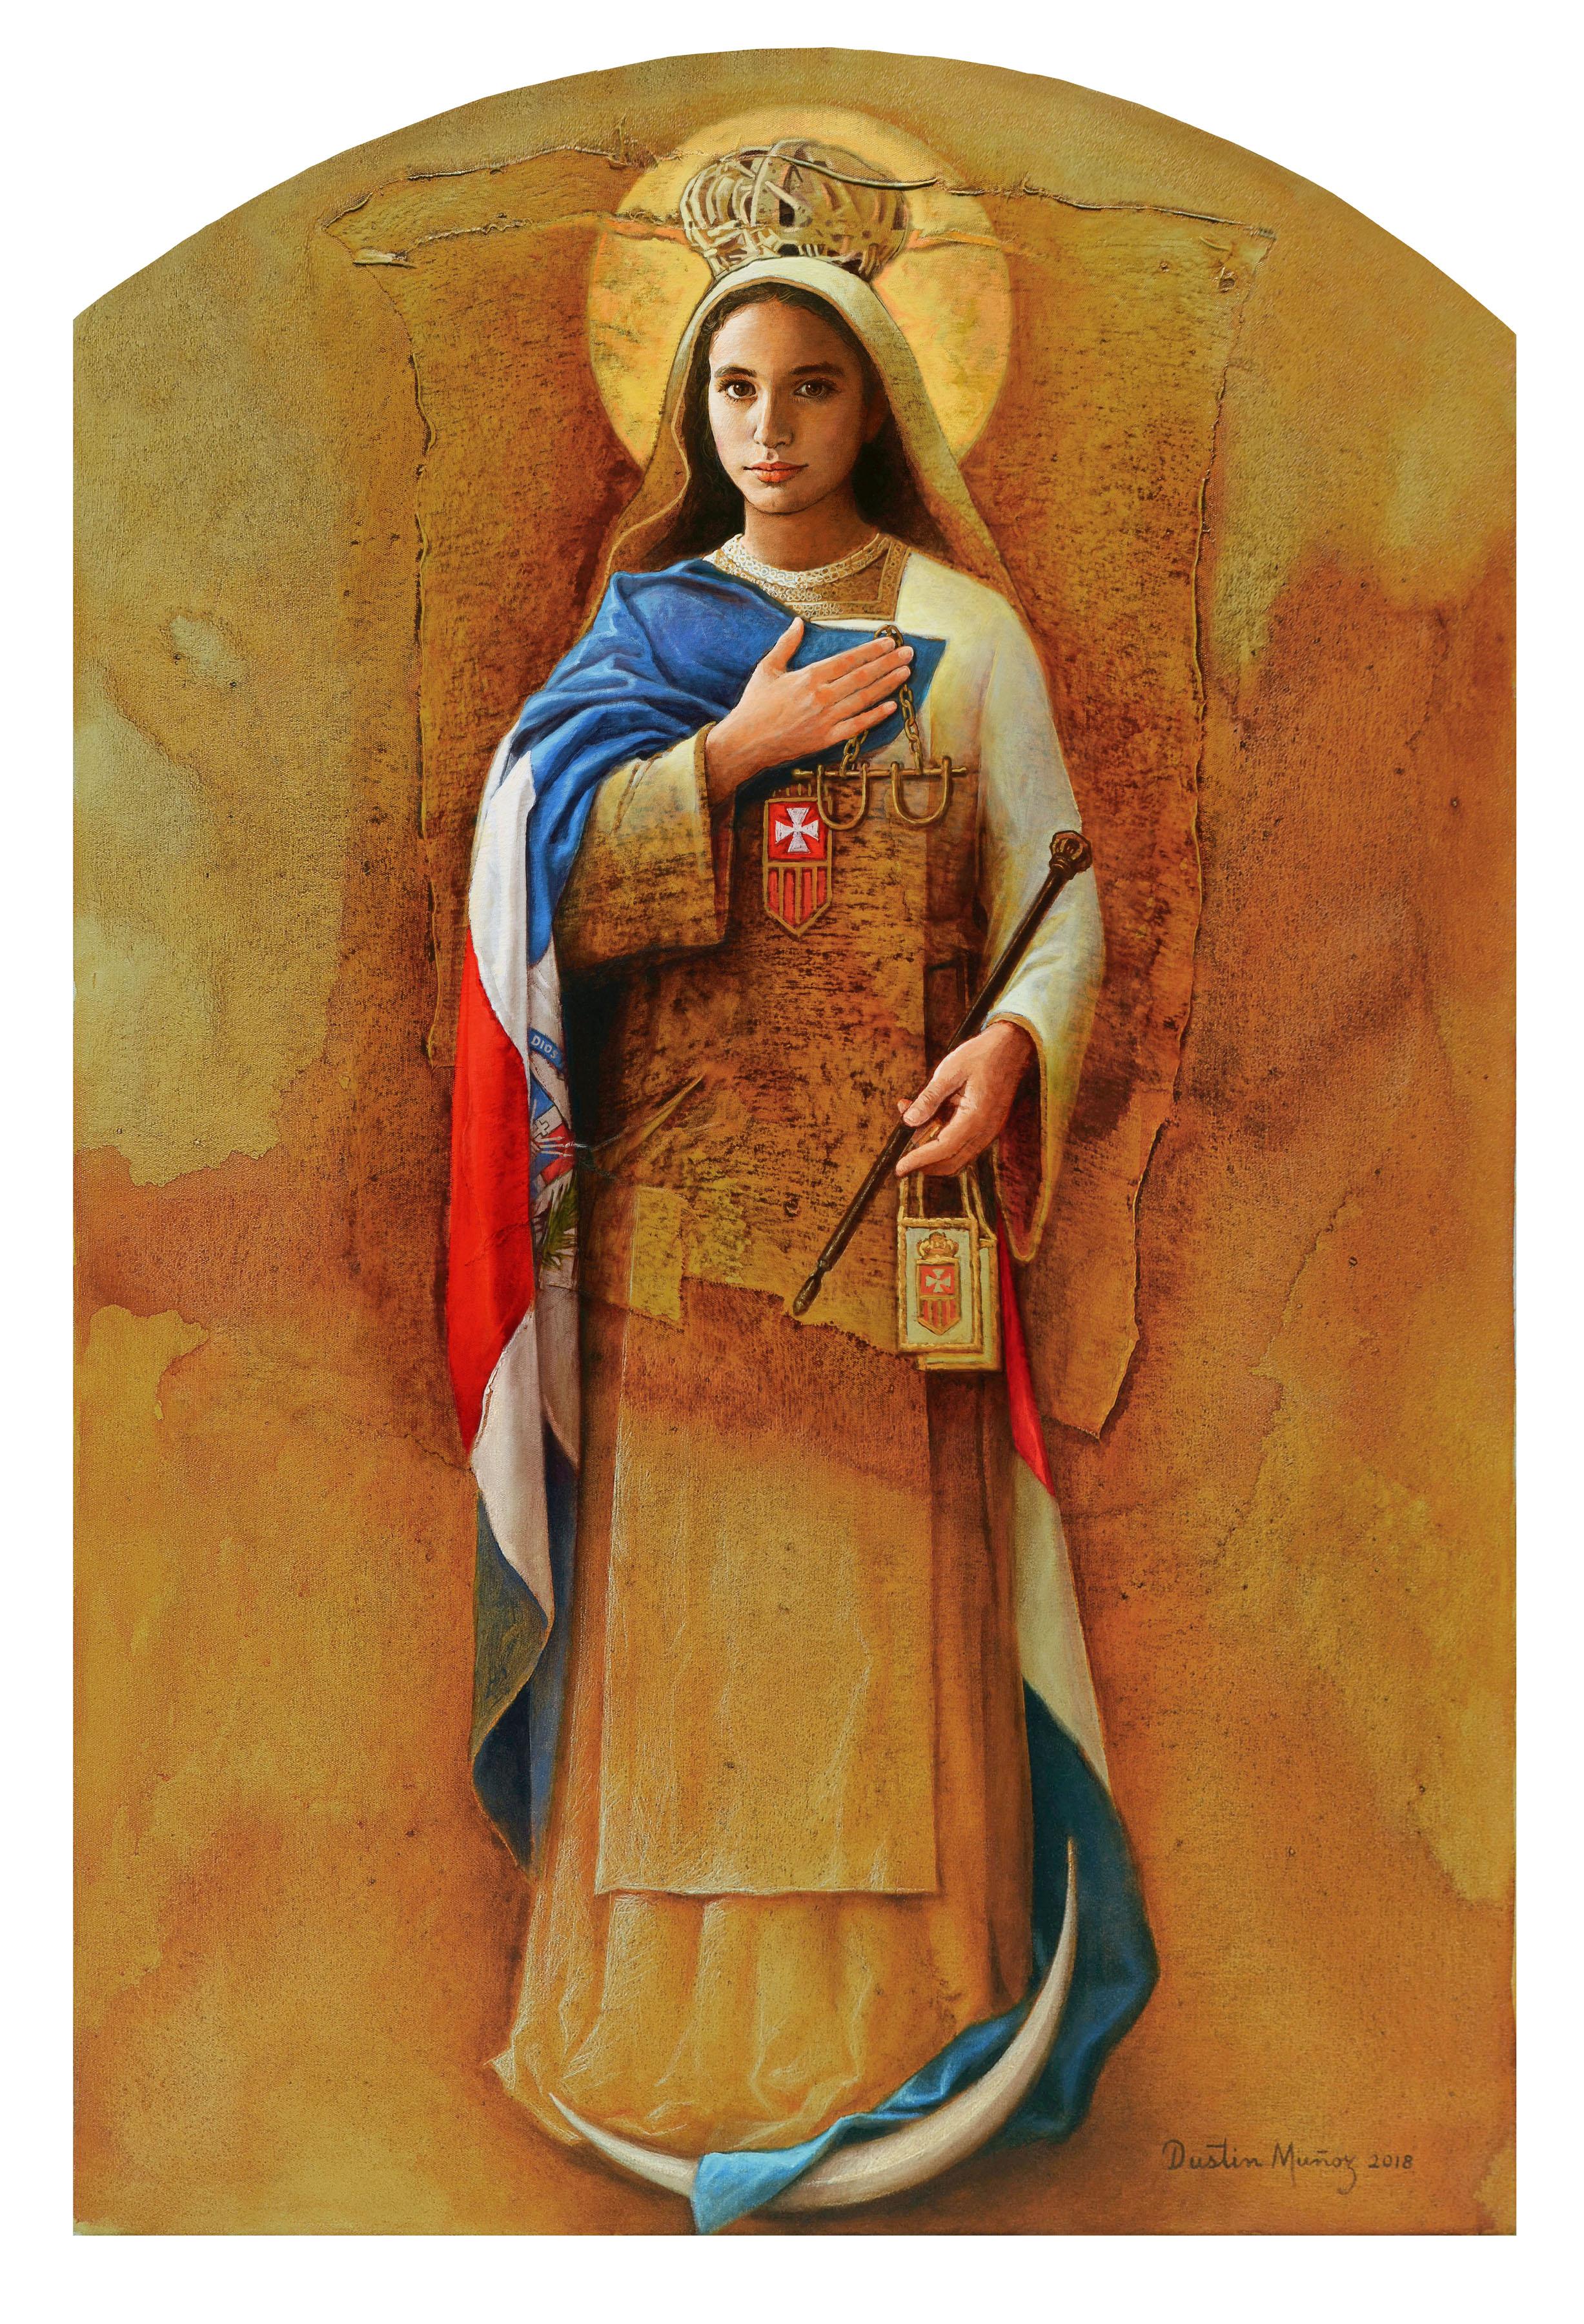 Obra Virgen de Las Mercedes, patrona de la República Dominicana, entronizada en la Catedral Primada de América el 12 de enero del 2018, por iniciativa de la Orden de La Merced, en ocasión de sus ochocientos años de fundación